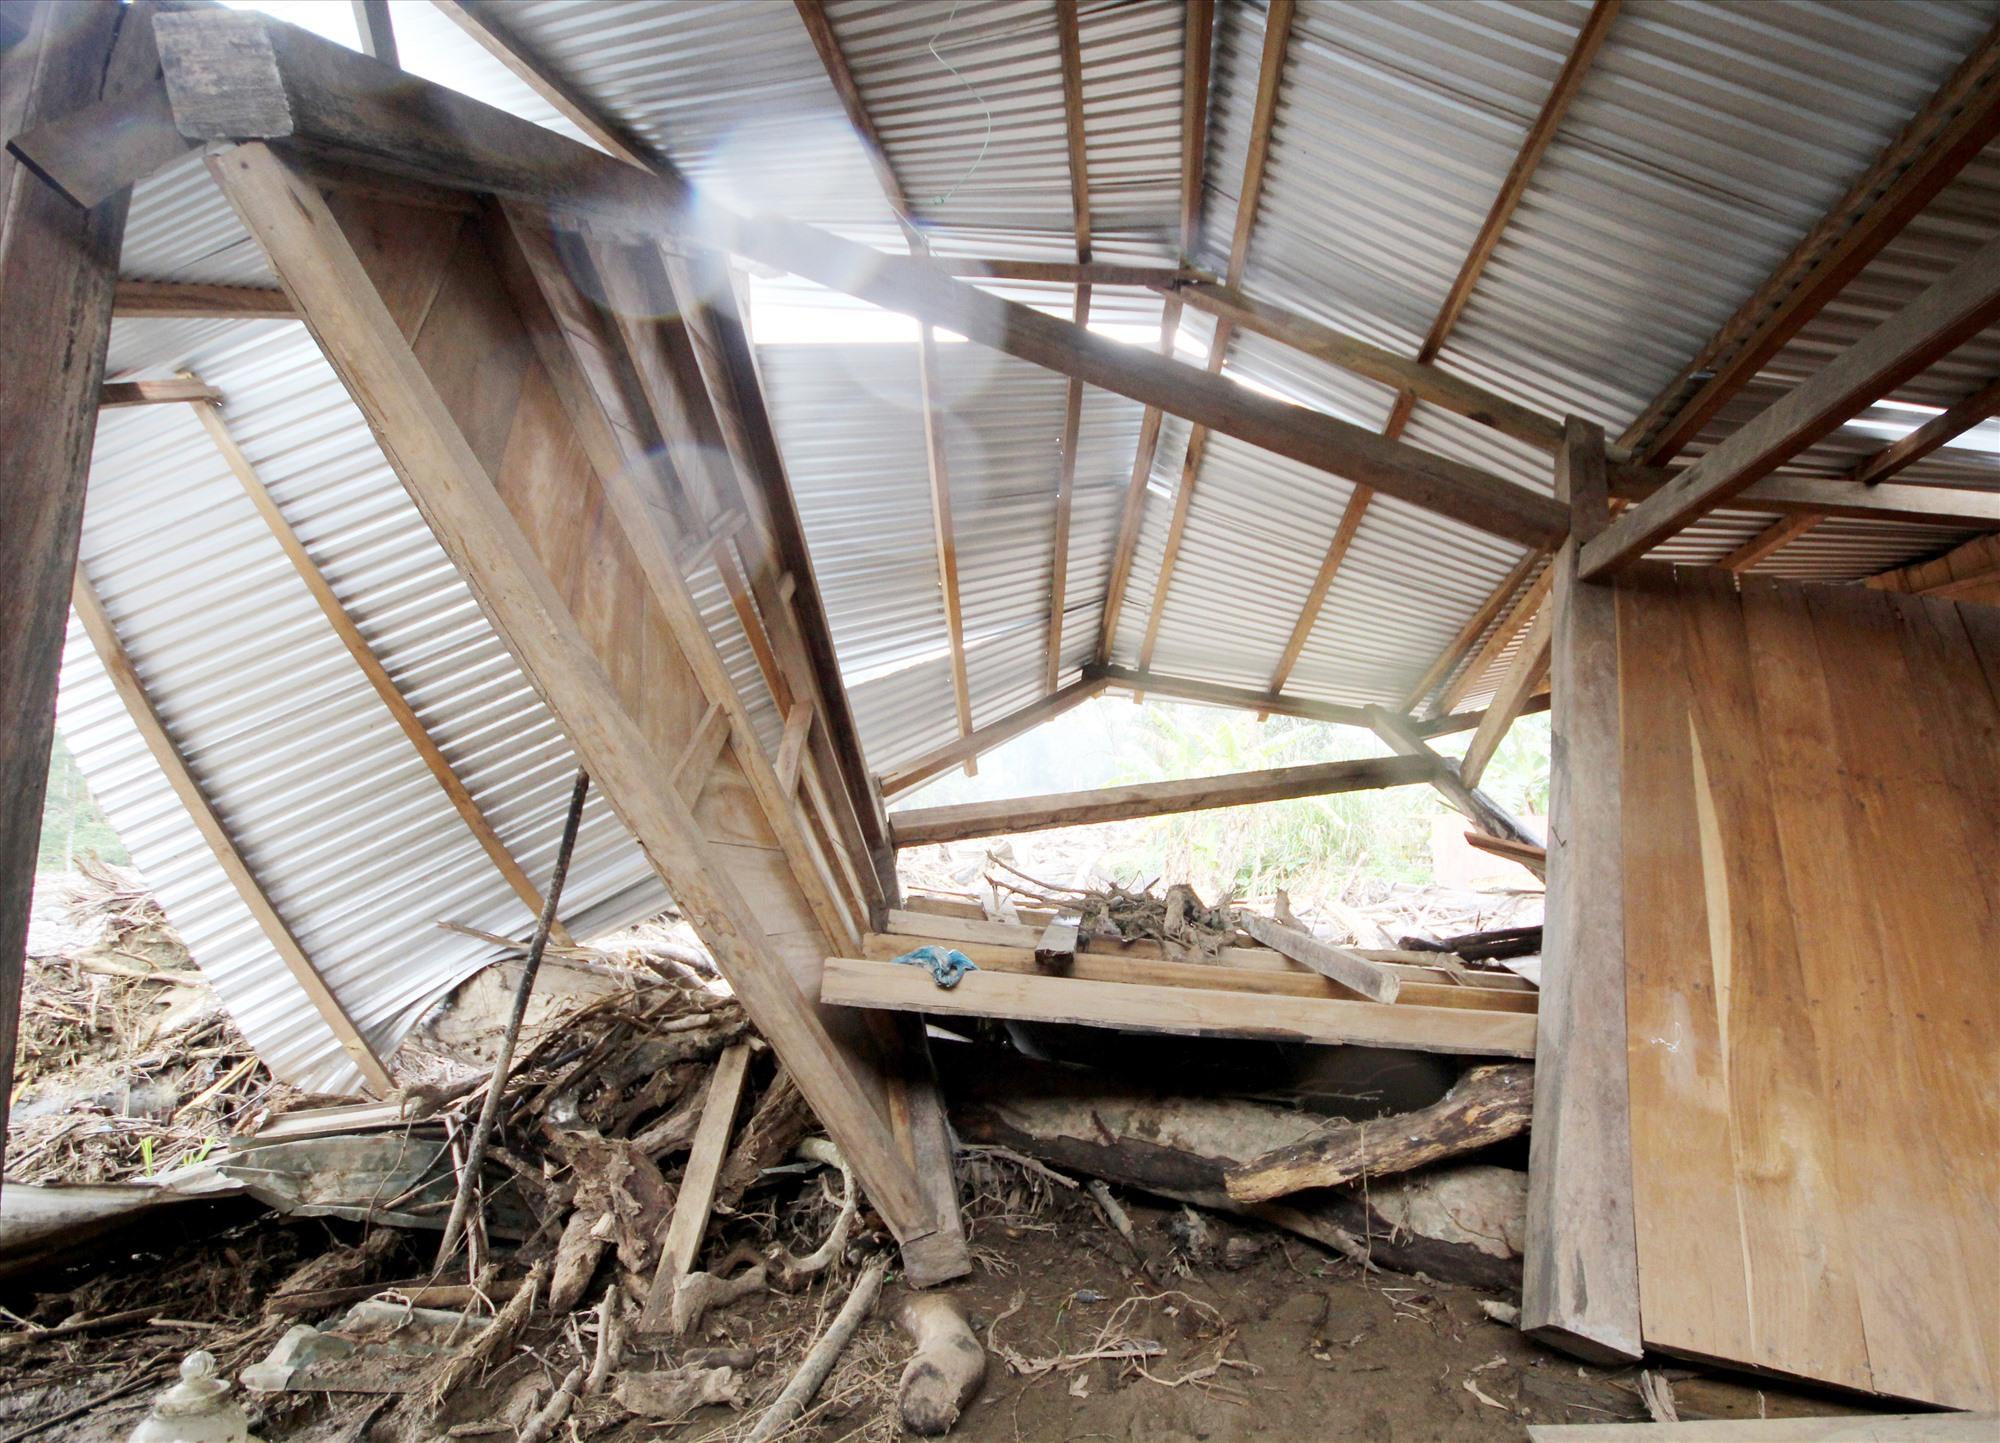 Căn nhà của vợ chồng Hồ Văn Đoàn bị sạt lở bẻ gãy gập. Ảnh: T.C